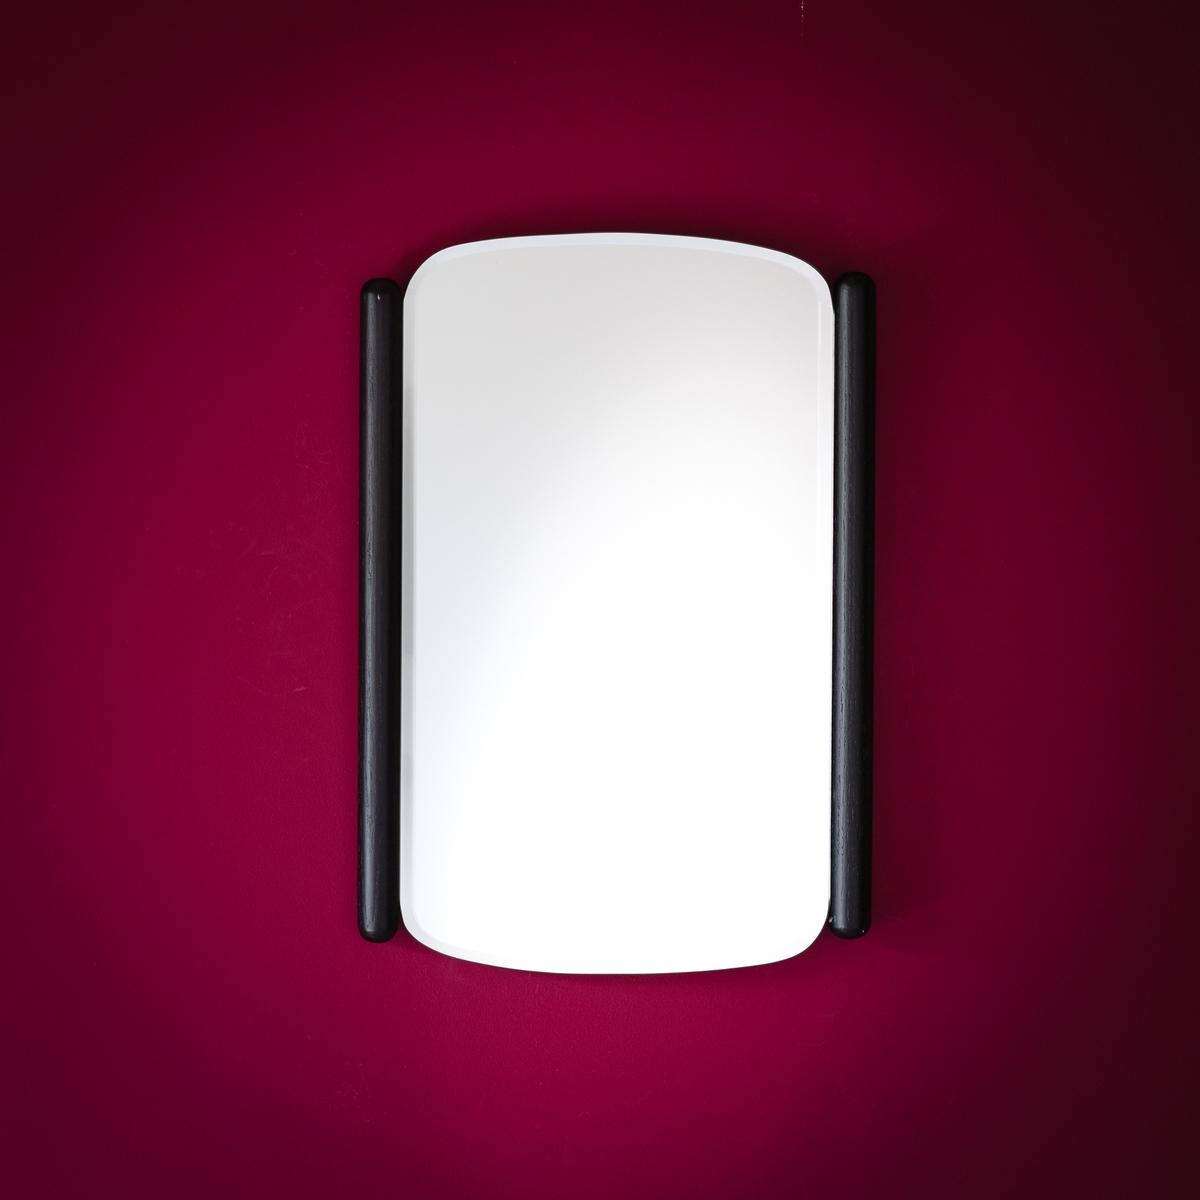 Зеркало из дуба с черным покрытием Maison Sarah LavoineЗеркало из дуба с черным покрытием Maison Sarah Lavoine внесет завершенность в продуманный интерьер благодаря игре отблесков и света. Прекрасно смотрится отдельно или в сочетании с таким же зеркалом большего размера, представленным на сайте laredoute.ruОписание зеркала из дуба с черным покрытием Maison Sarah Lavoine :Зеркало со скошенными гранями  Характеристики зеркала из дуба с черным покрытием Maison Sarah Lavoine :Дуб с черным матовым покрытием Зеркало со скошенными гранями  Крепление для вертикального или горизонтального положения Всю коллекцию Maison Sarah Lavoine можно найти на сайте laredoute.ruРазмеры зеркала из дуба с черным покрытием Maison Sarah LavoineШирина 35 см.Высота 55 смТолщина 2 см<br><br>Цвет: черный